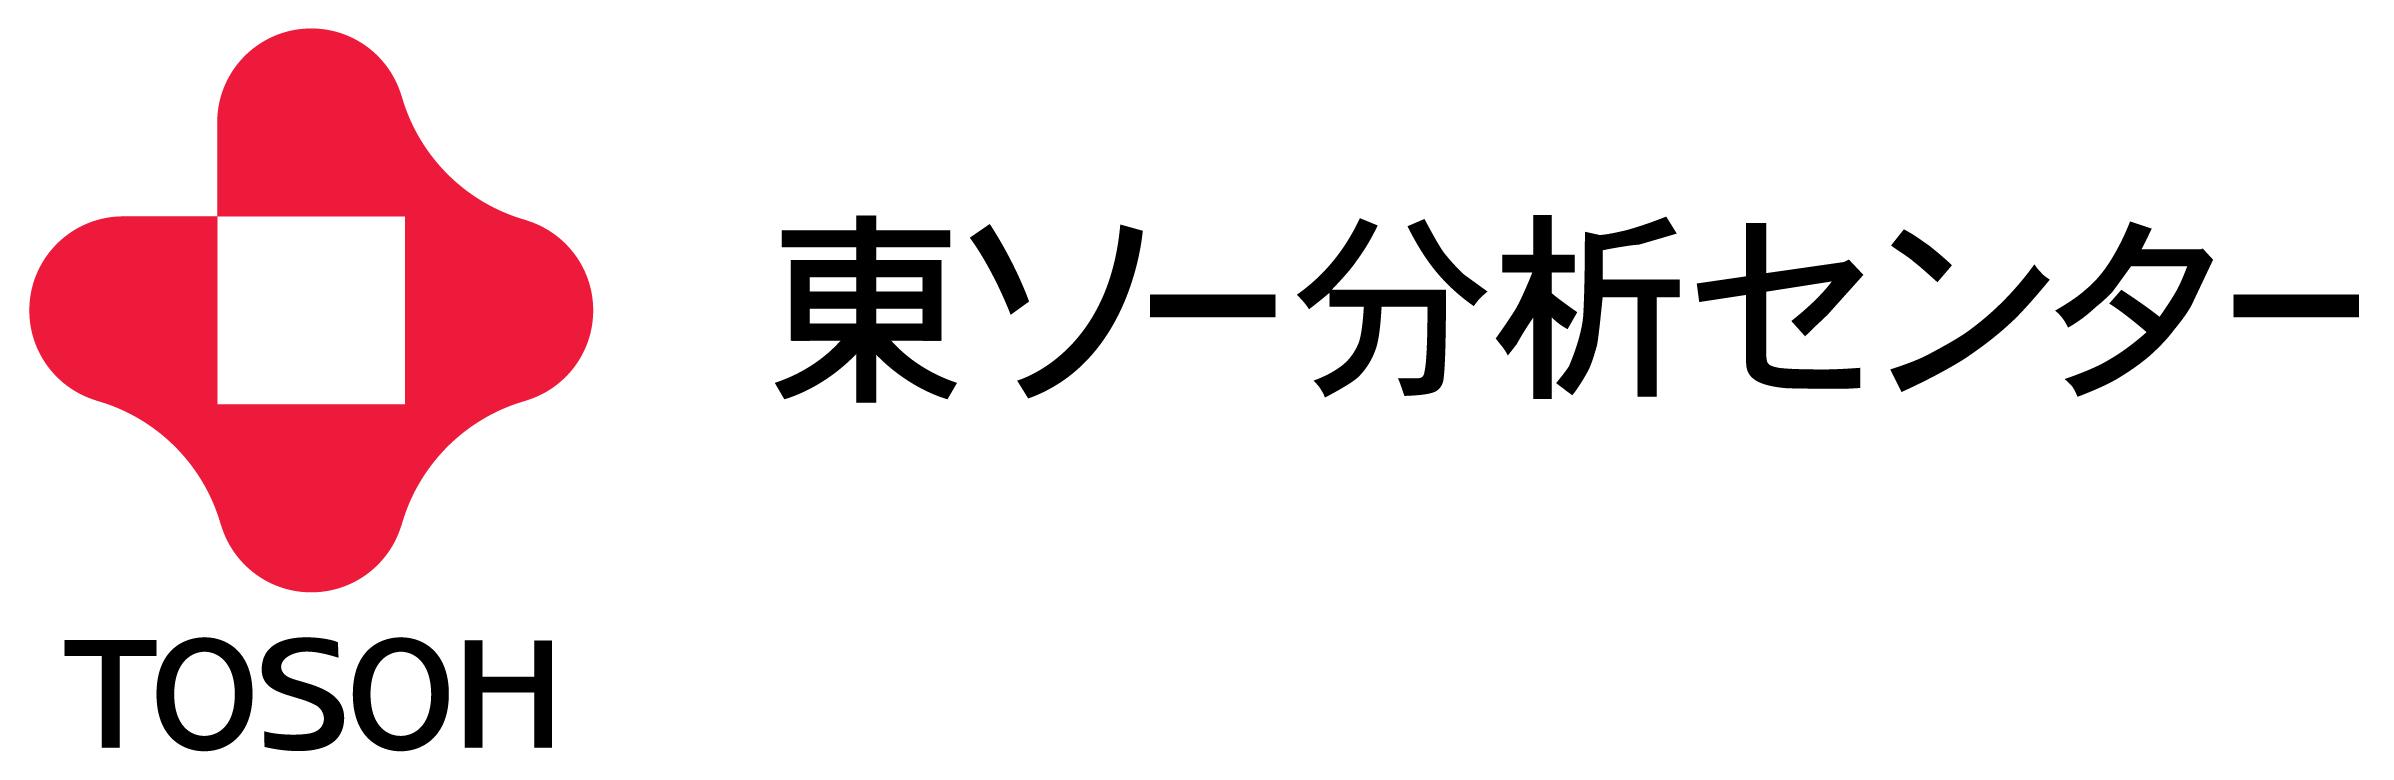 株式会社東ソー分析センター